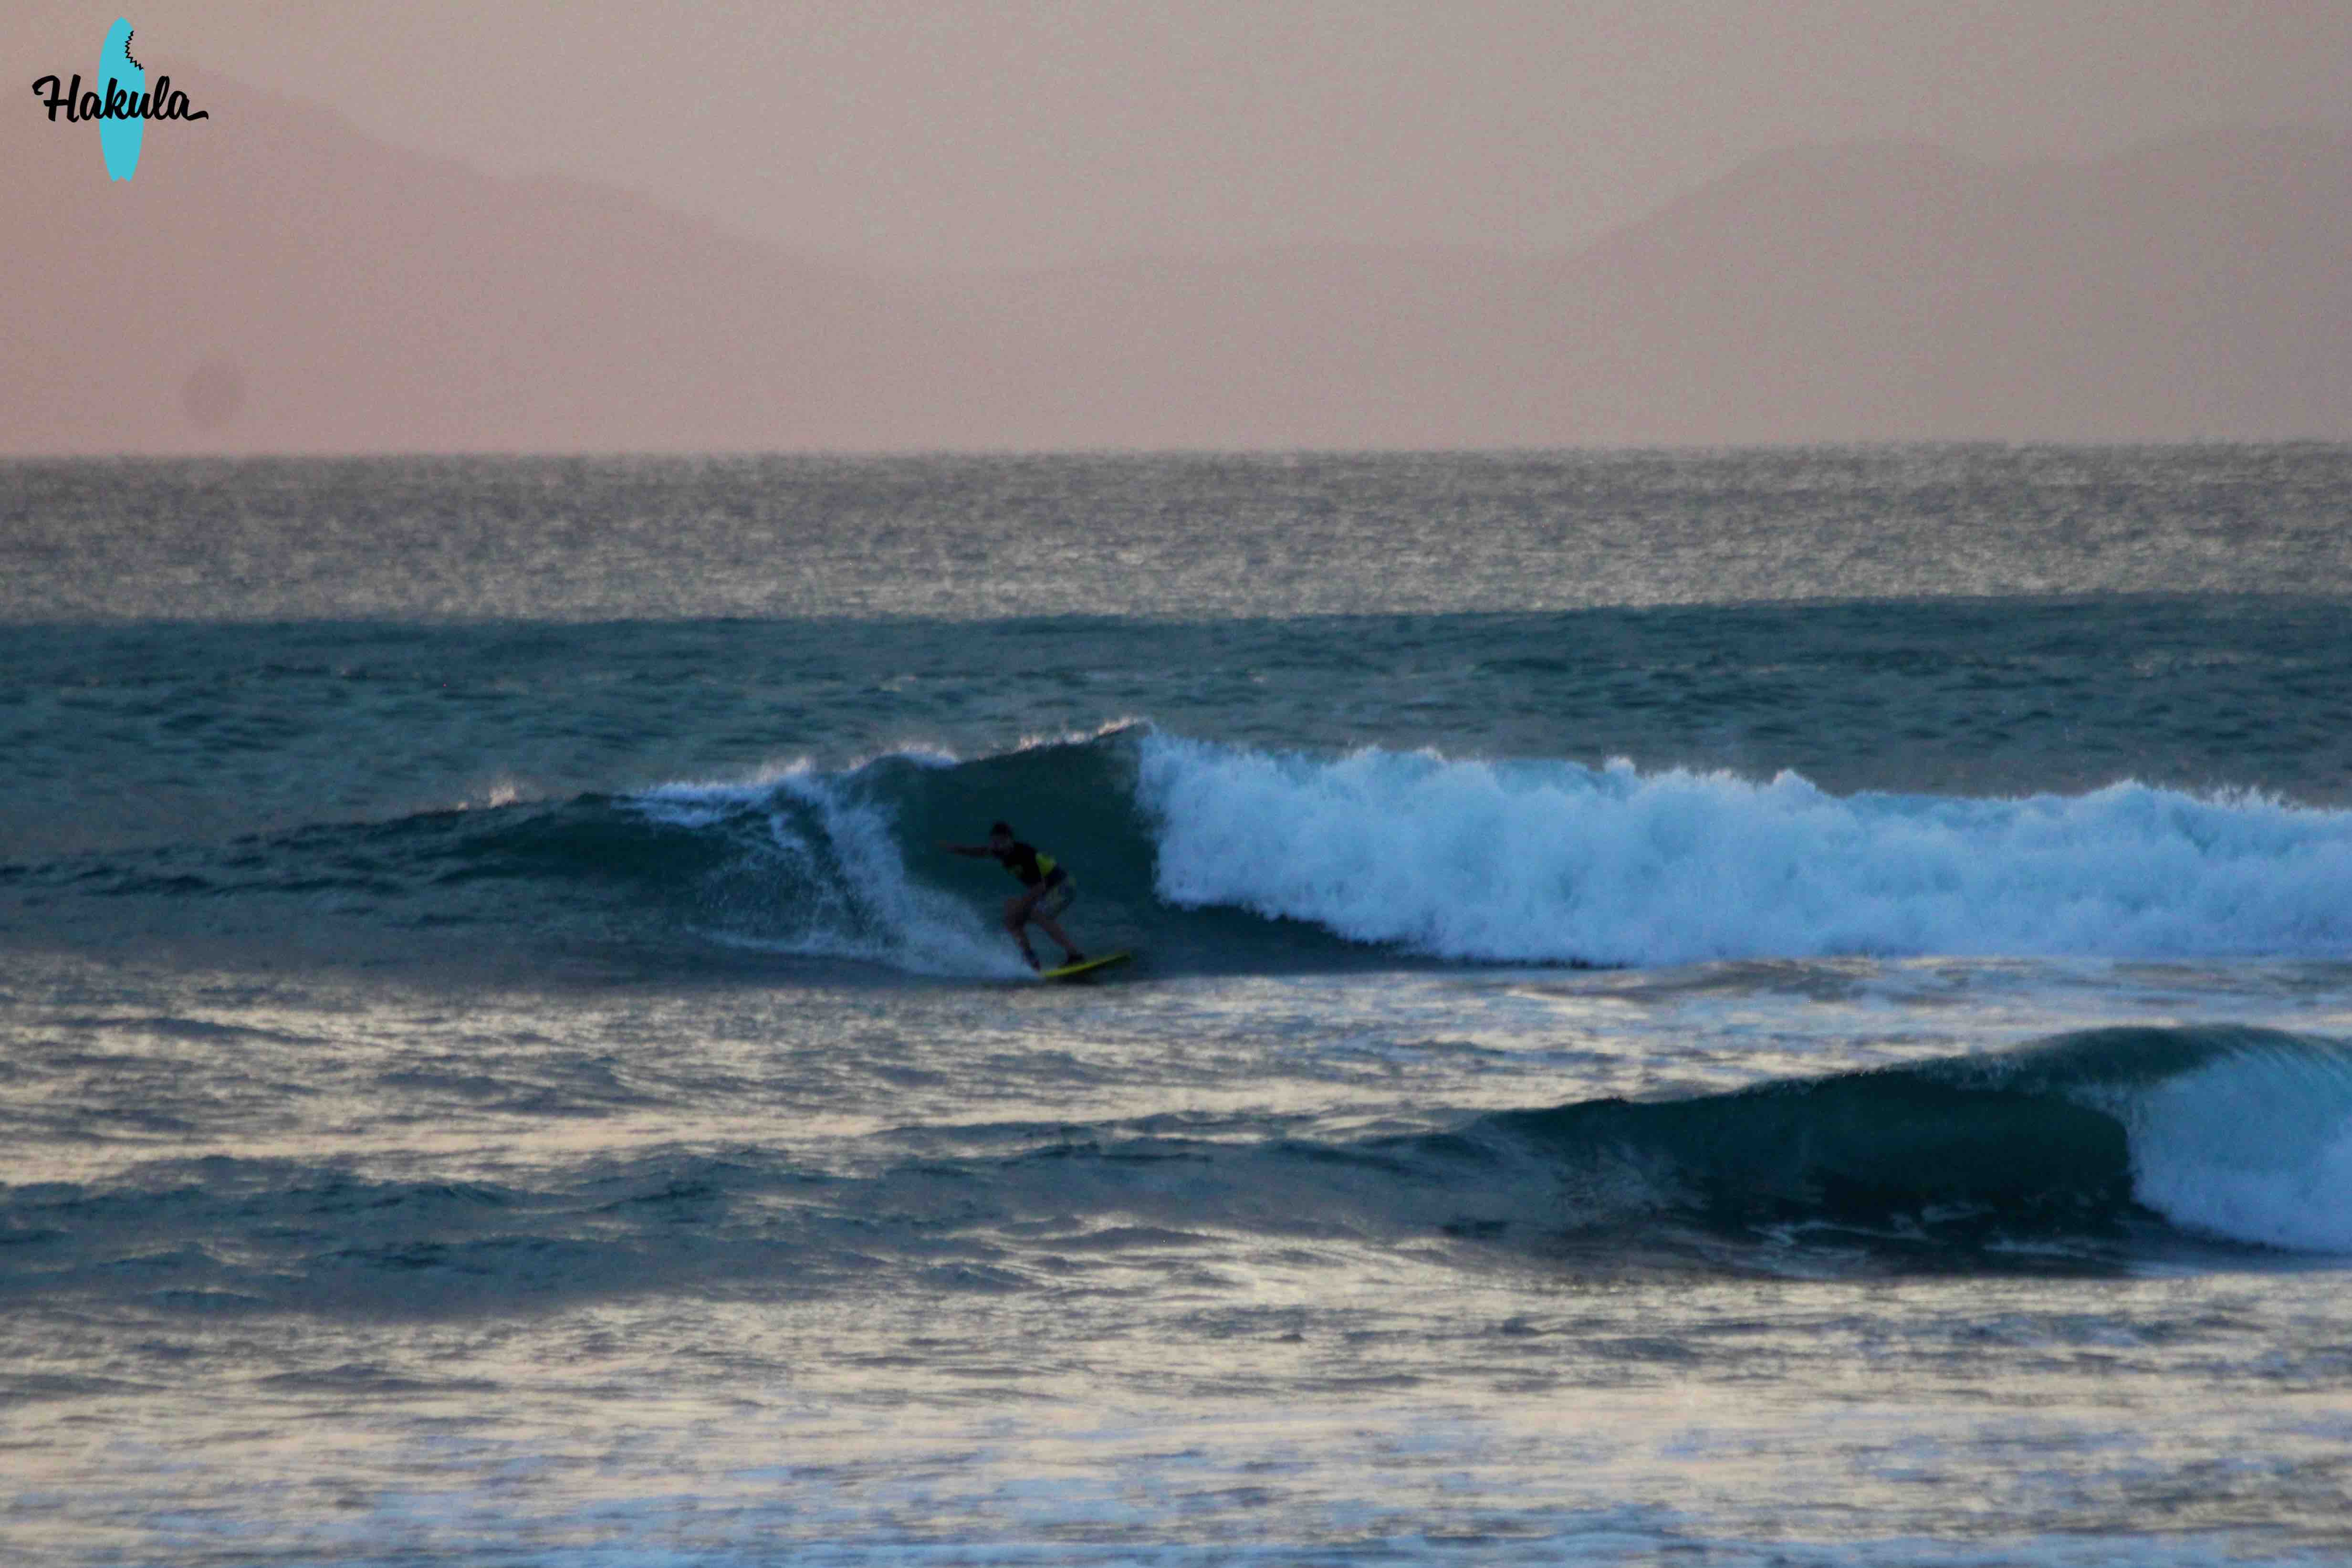 Tiger Tracks surf spot